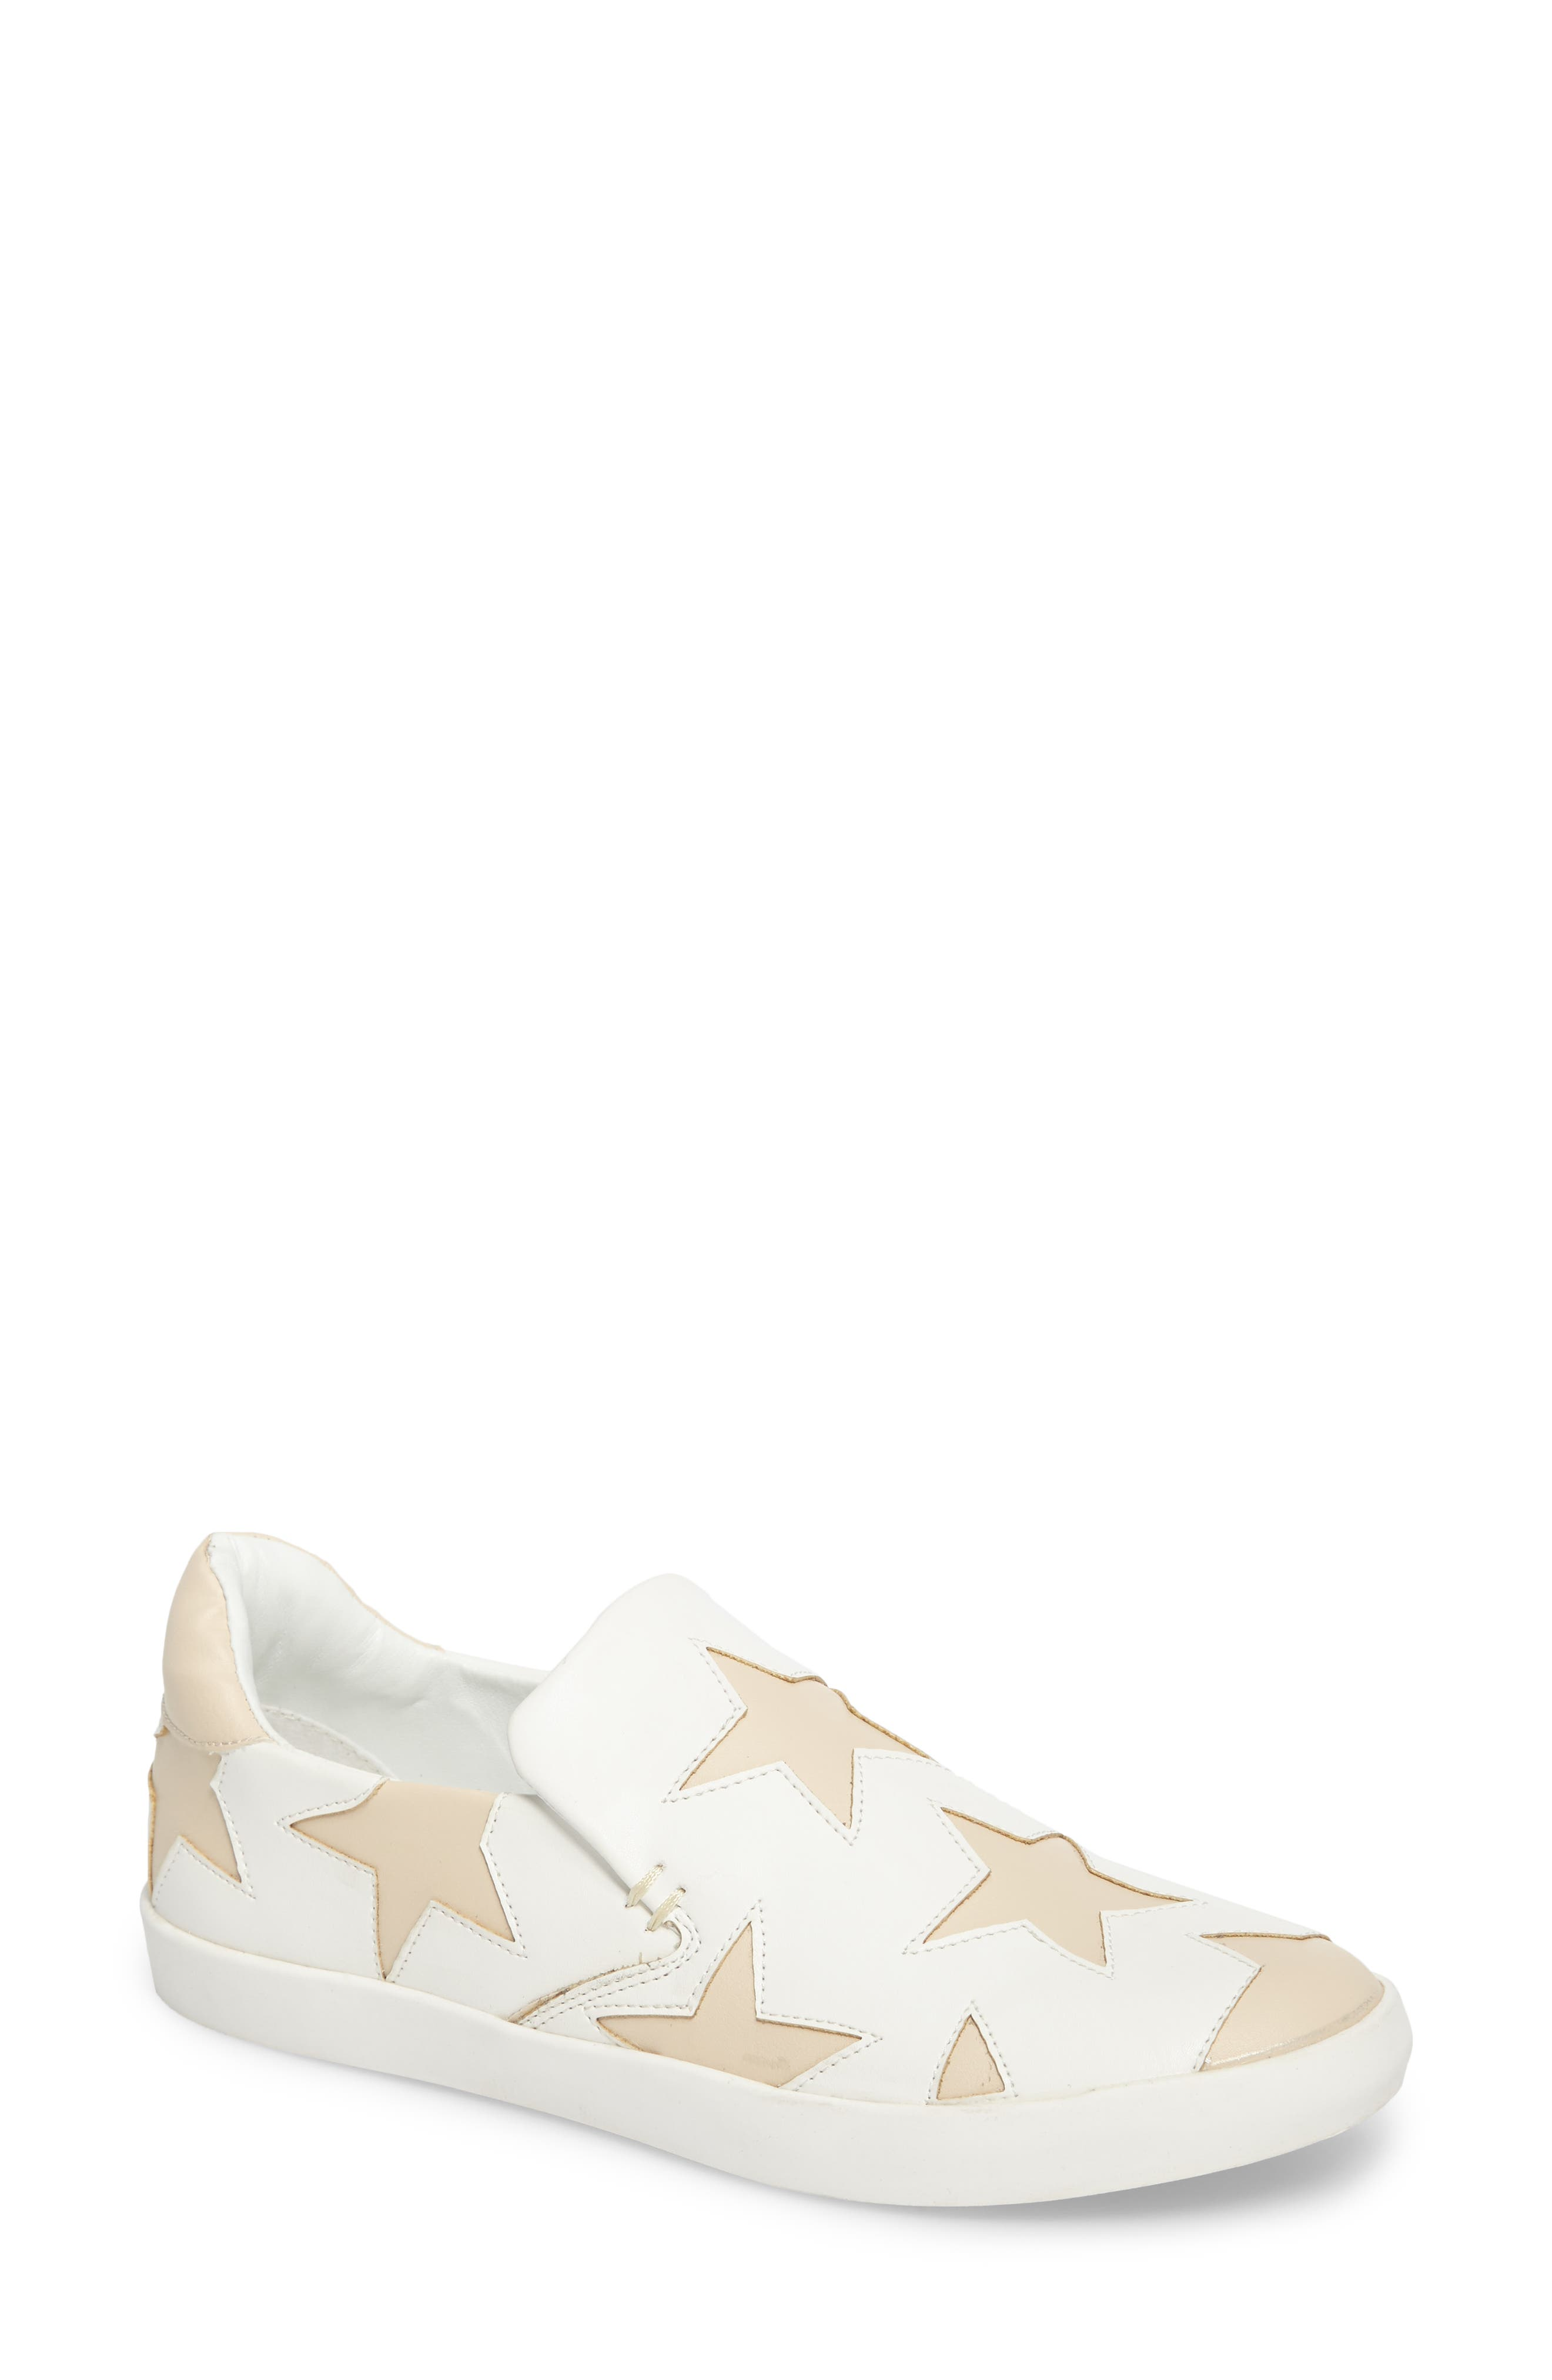 Highlight Slip-On Star Sneaker,                             Main thumbnail 1, color,                             White